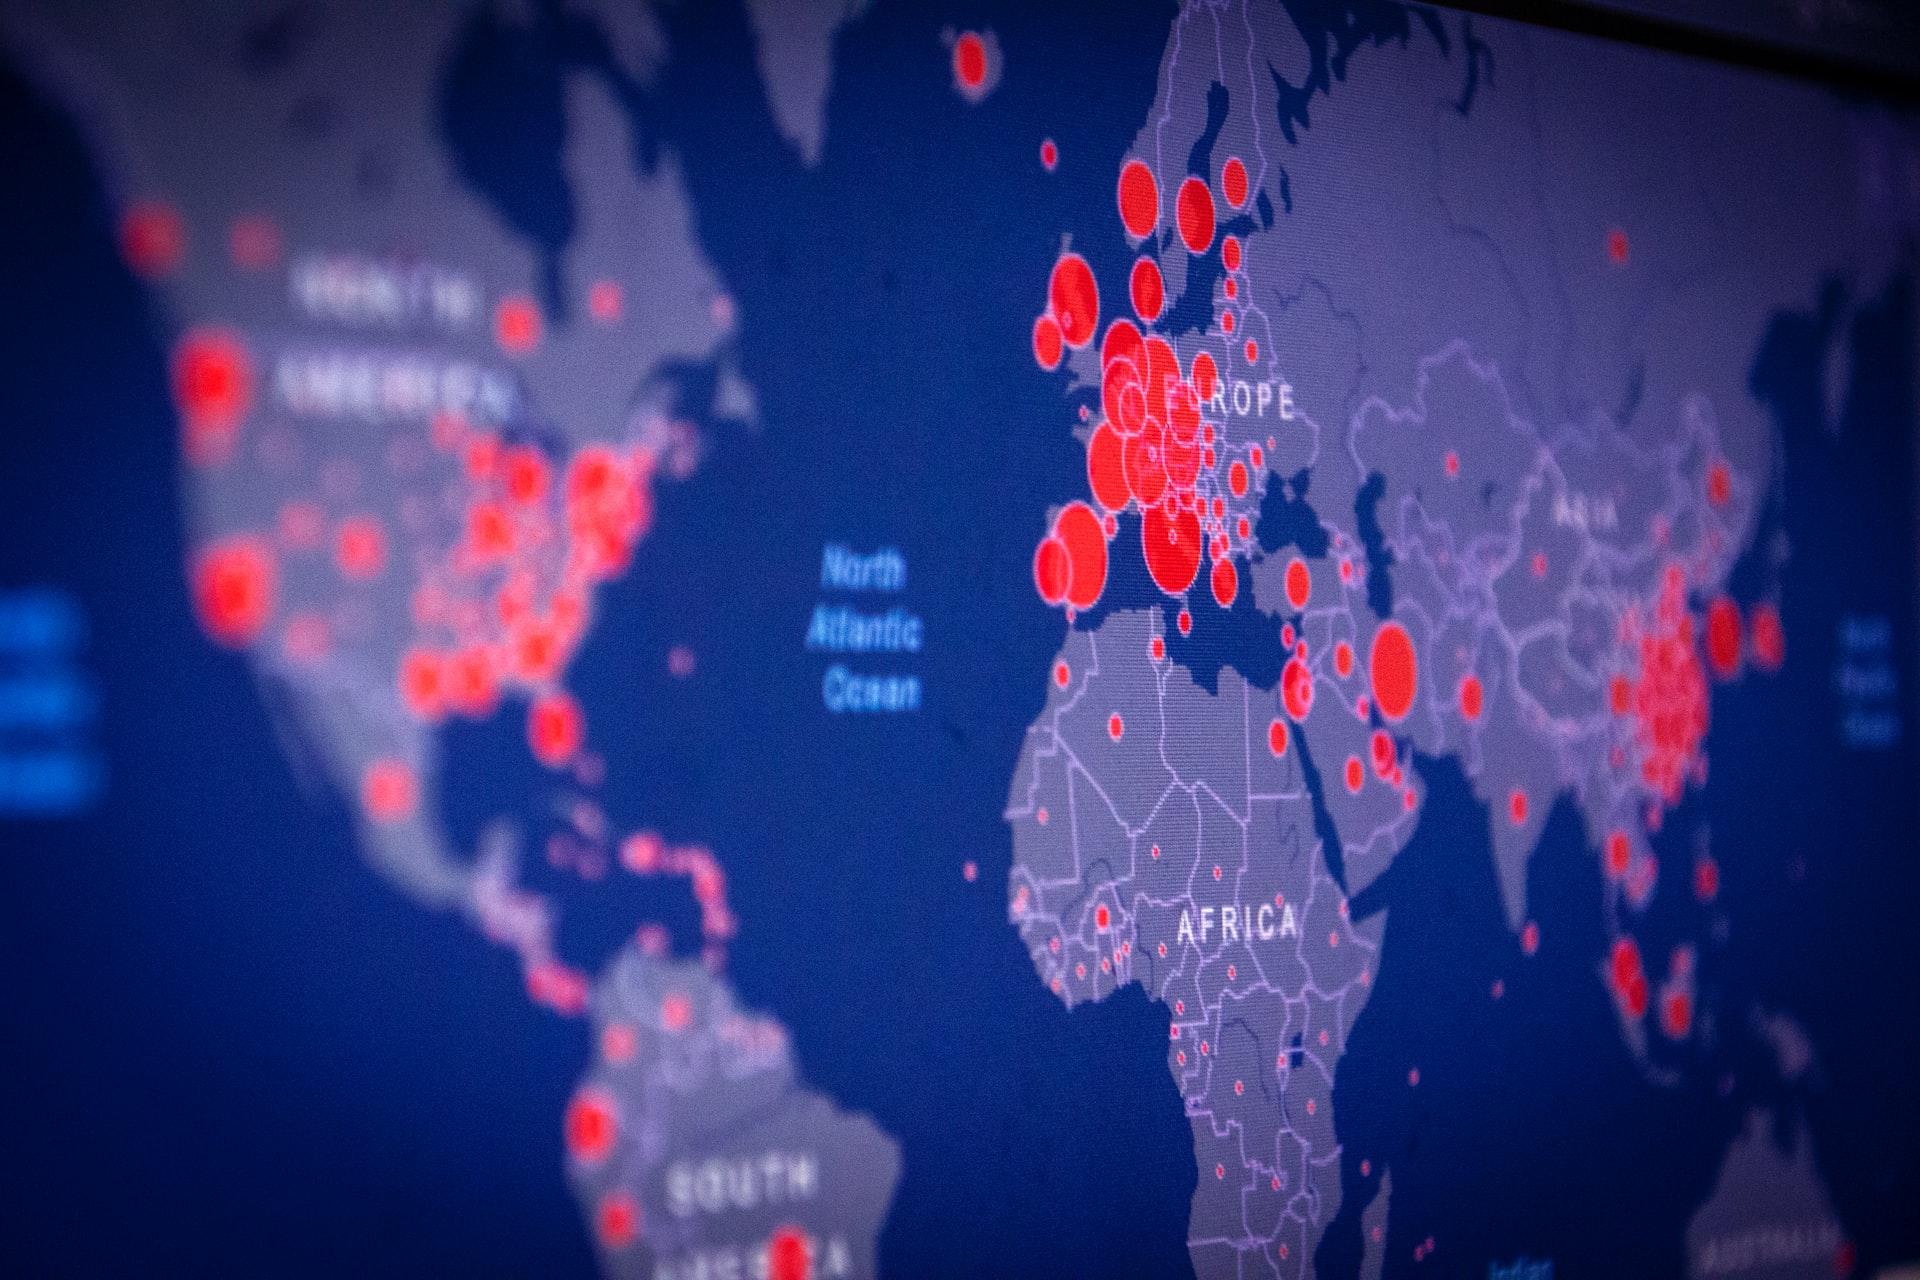 IMAGEM: Mortes no mundo por Covid já ultrapassaram 6,9 milhões, diz estudo sobre subnotificação